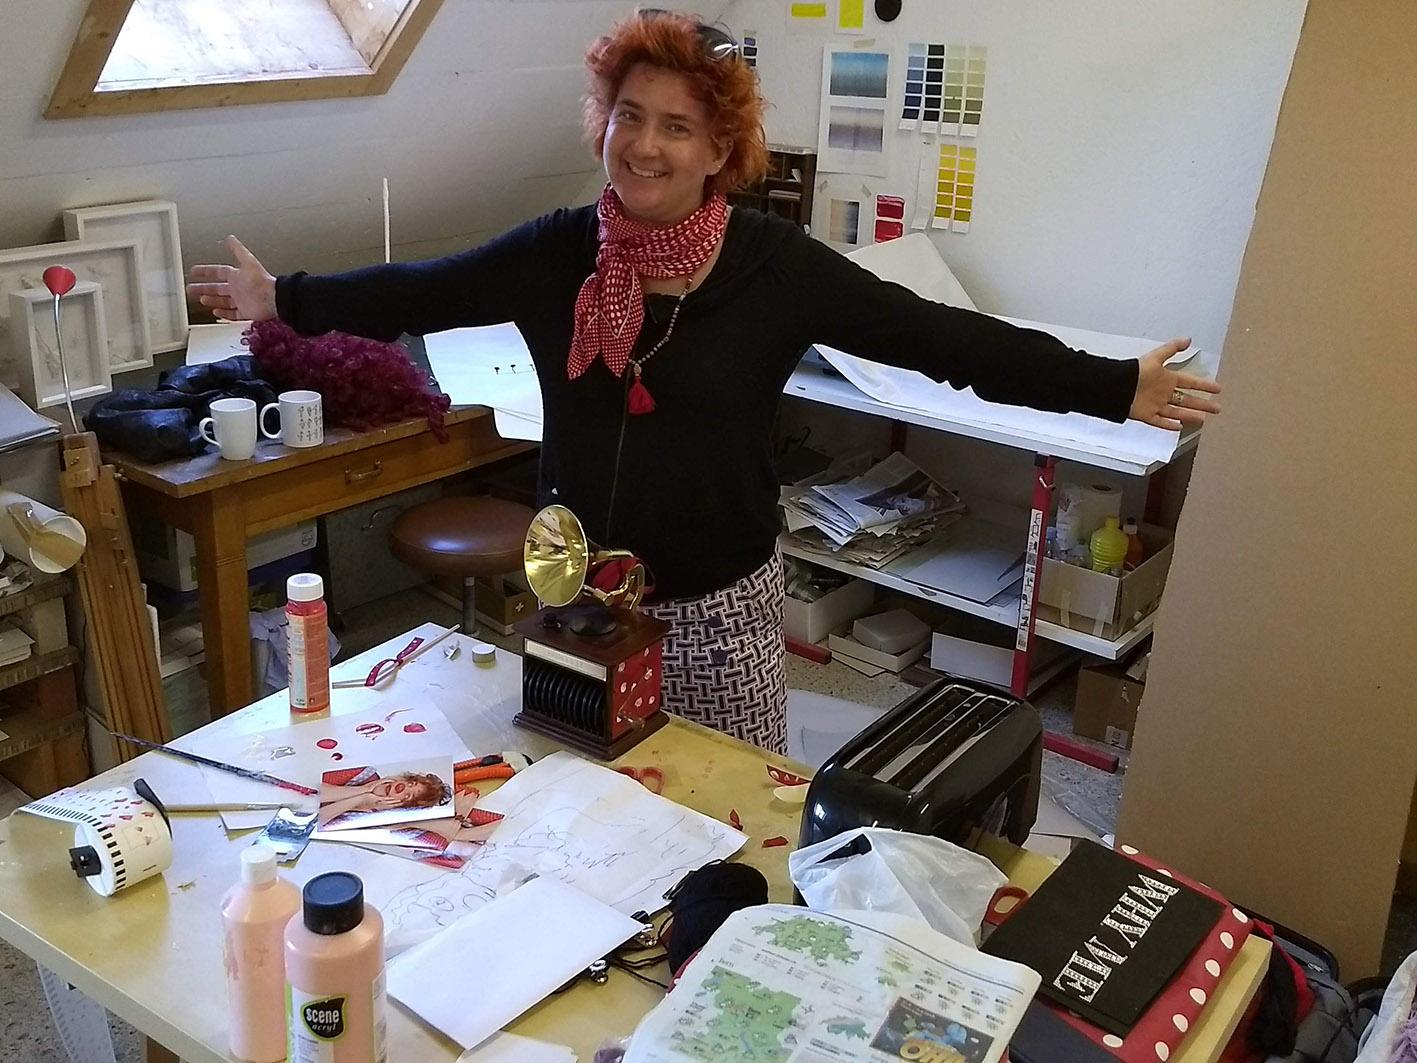 Karin B. Friedli